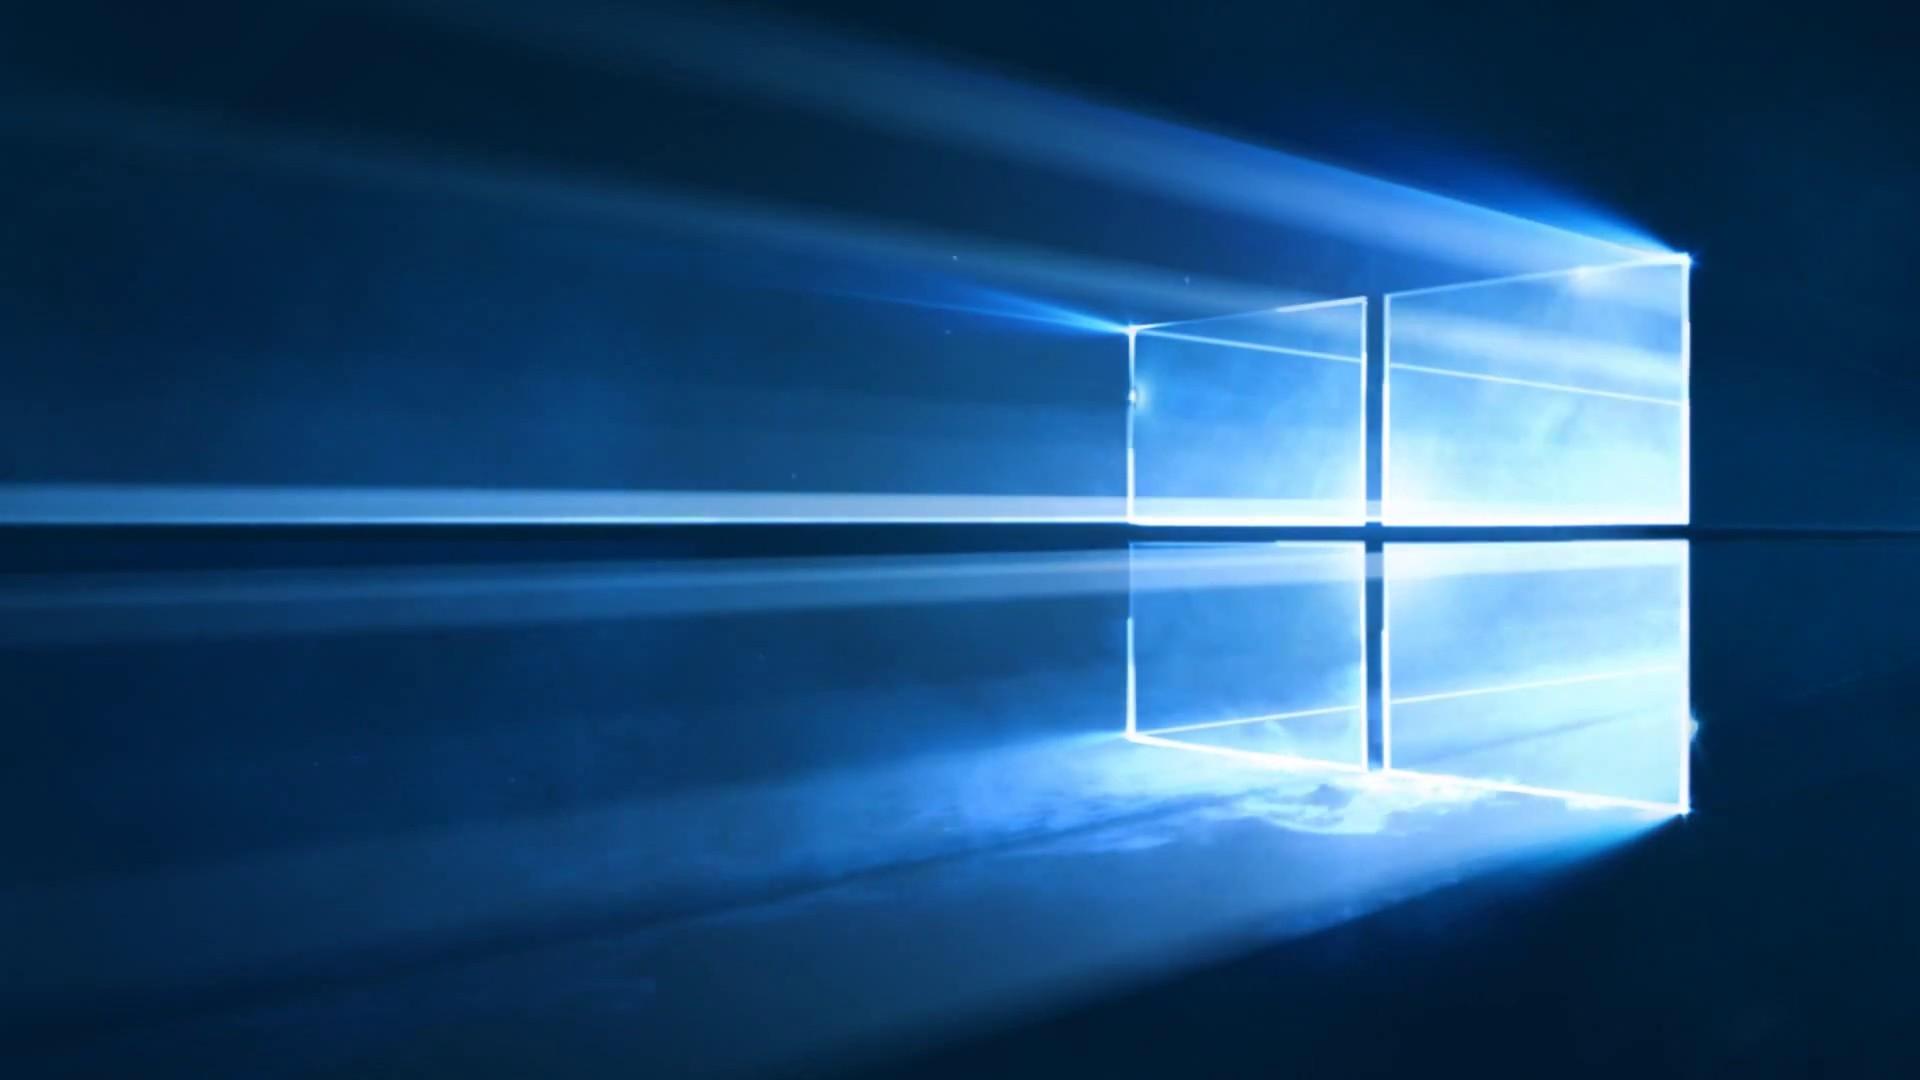 Бесплатное обновление до Windows 10 все еще возможно, ограничение по времени — рекламный ход - 1